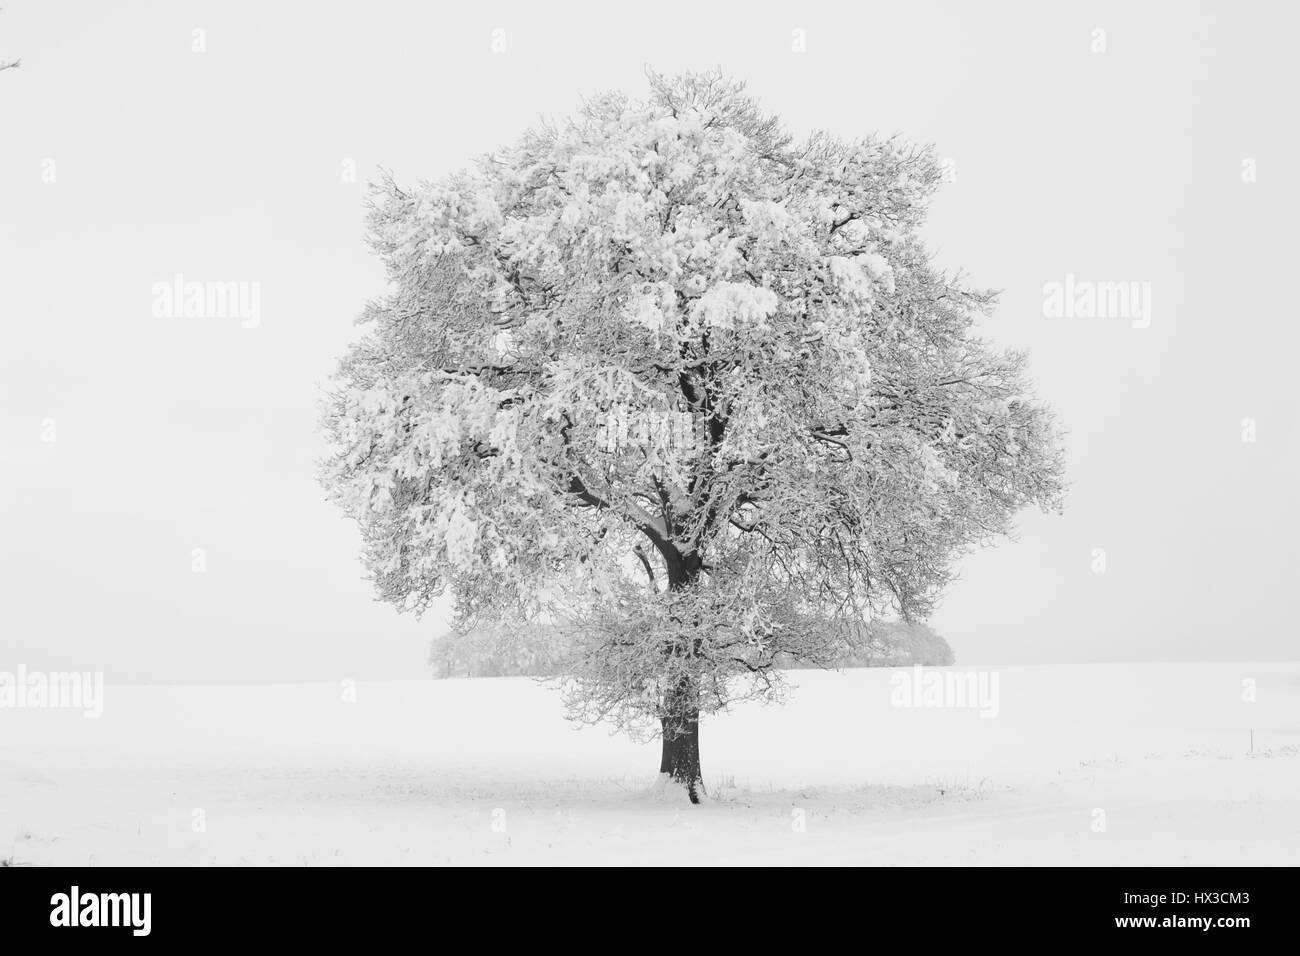 Los árboles cargados de nieve en un paisaje nevado,Wooton St Lawrence, Hampshire. Imagen De Stock